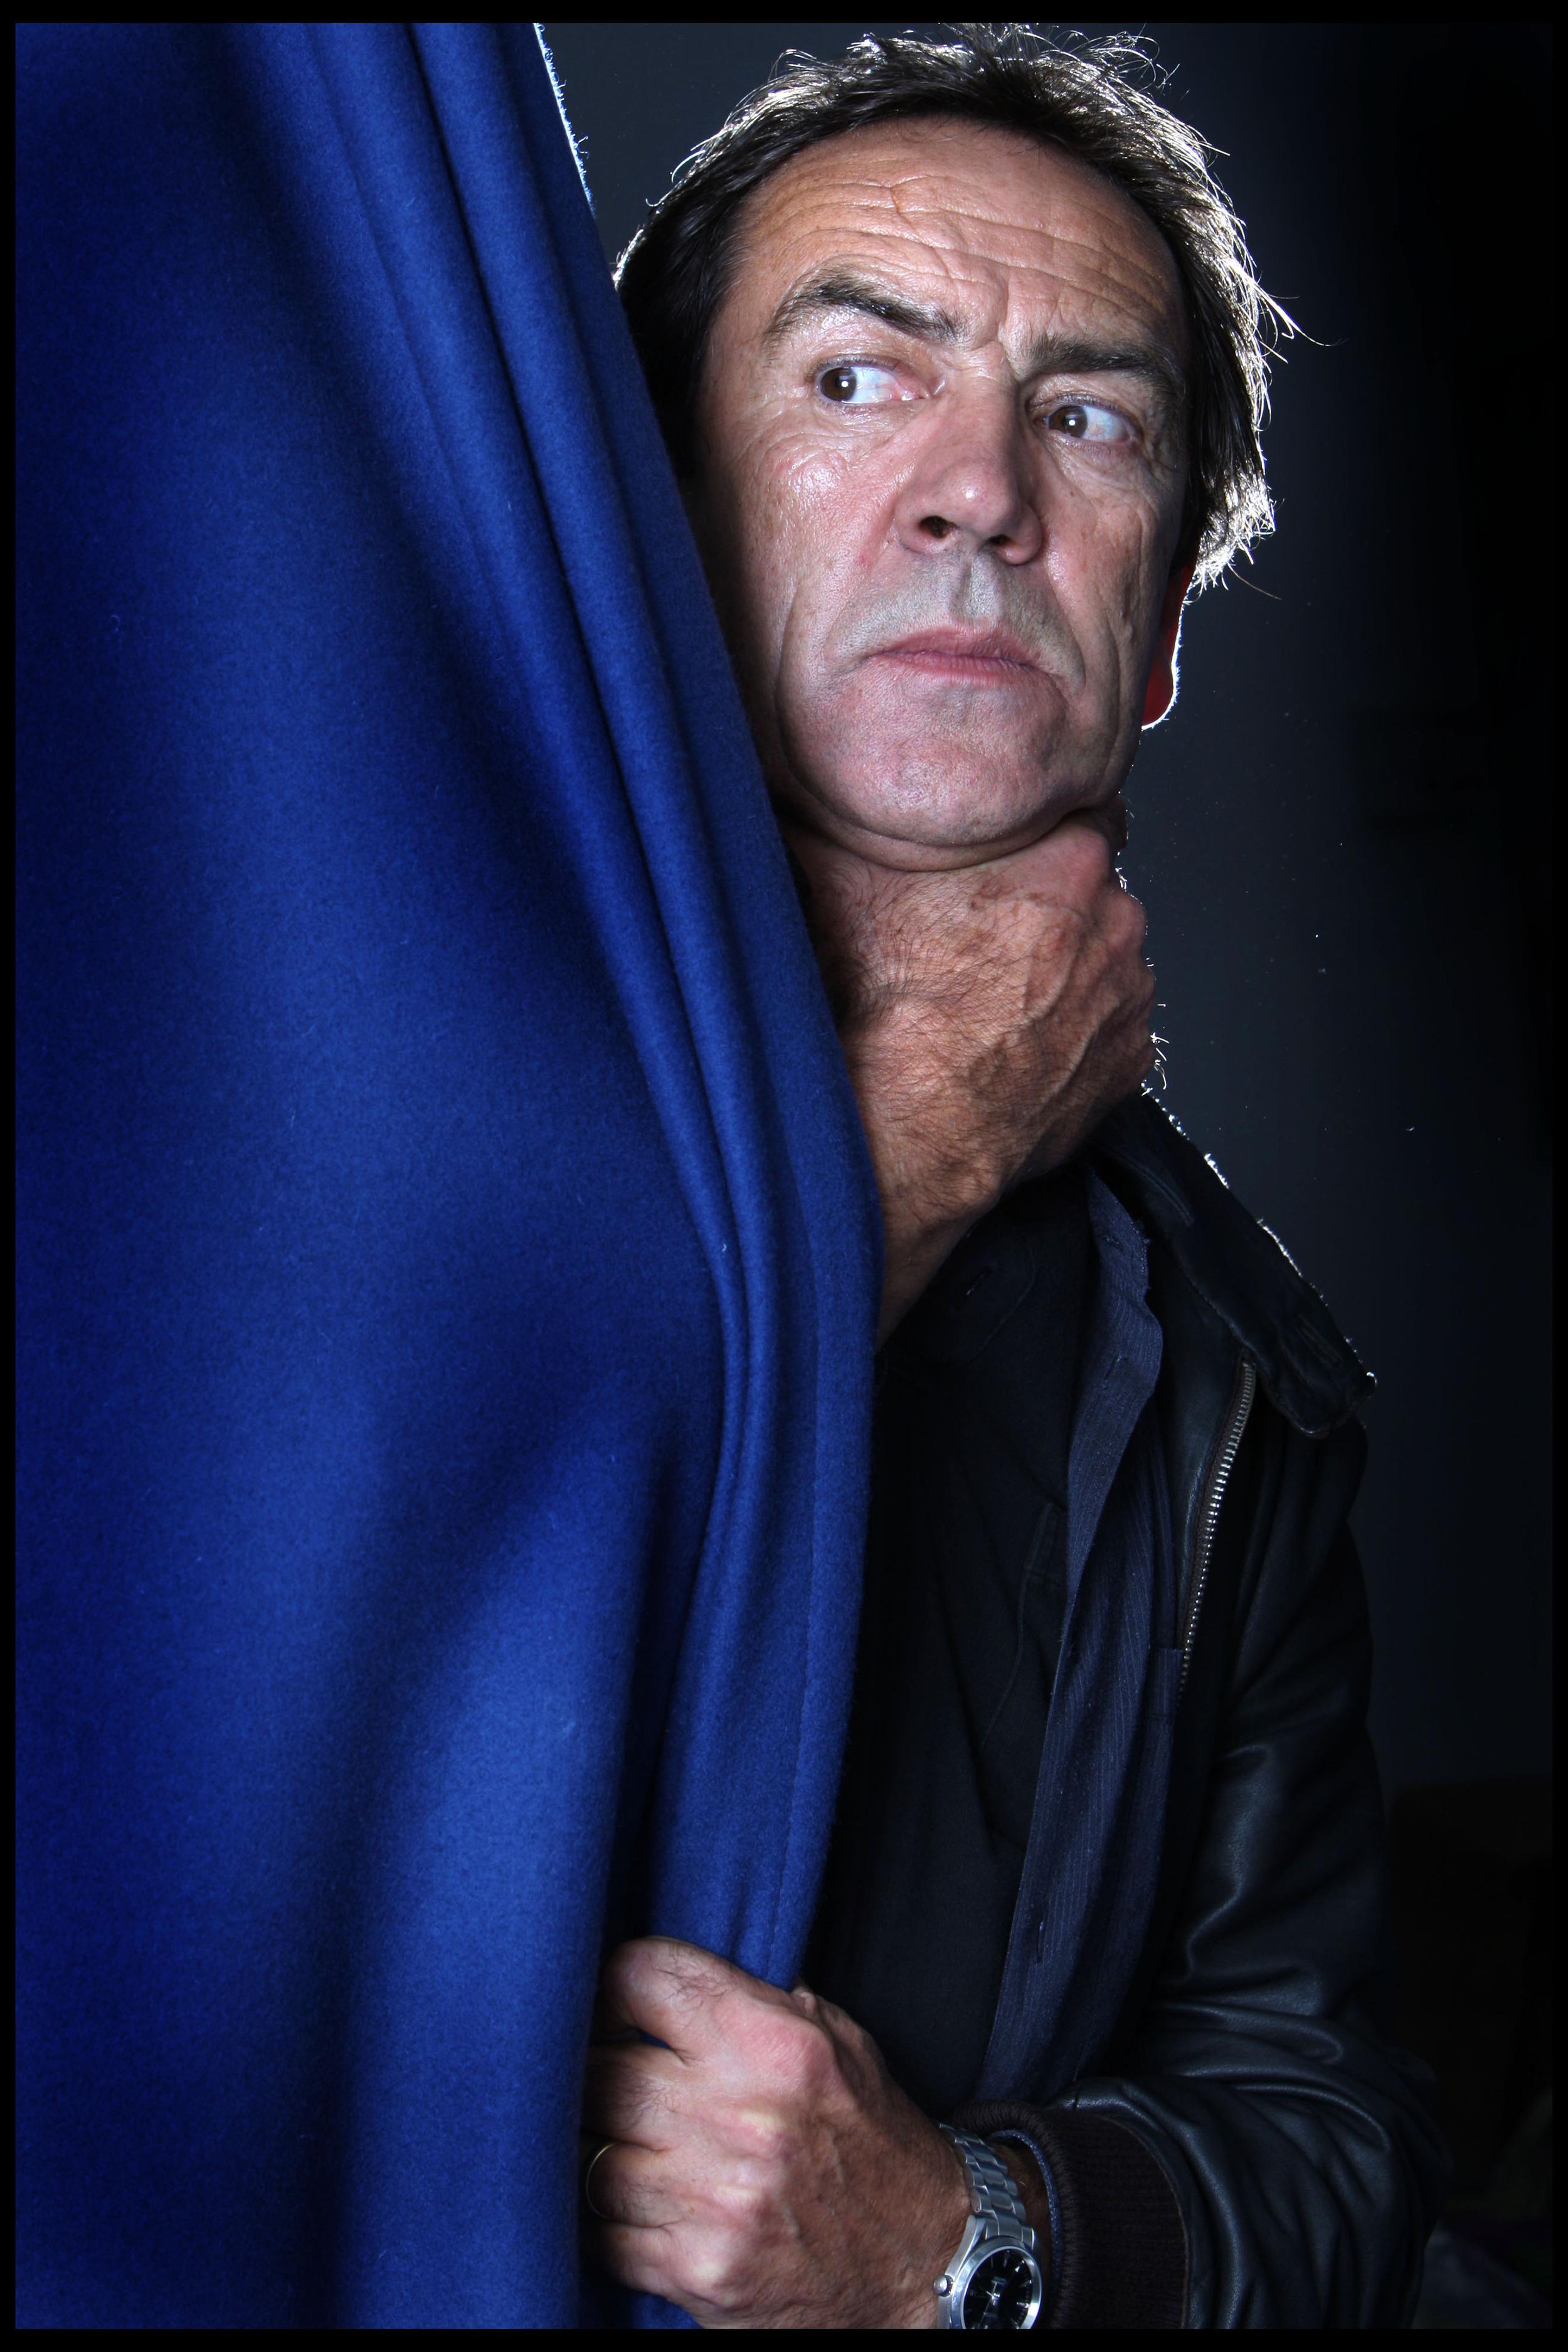 Robert Lindsay, actor